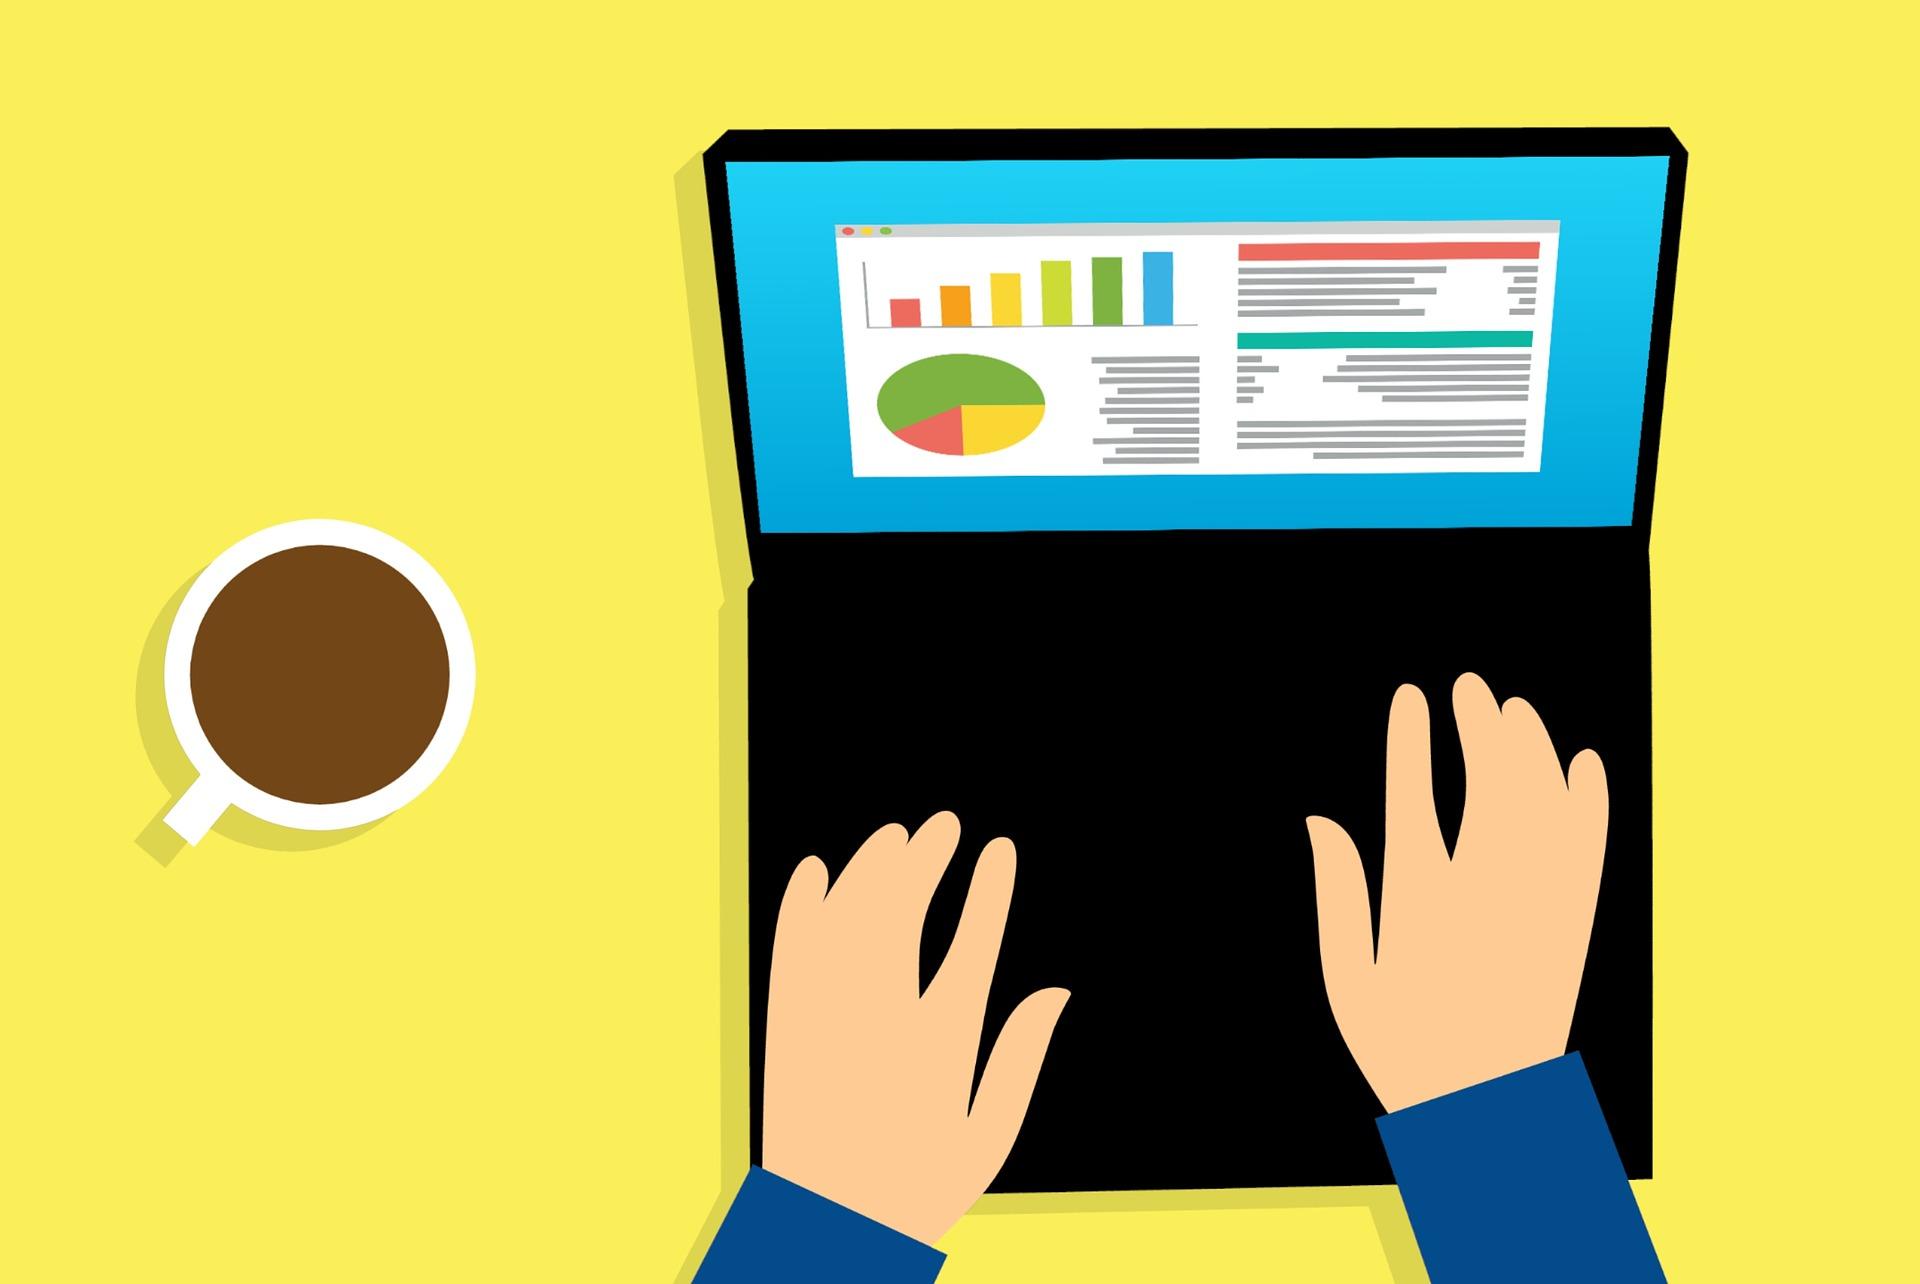 Comicbild, das zeigt wie jemand am Computer Statistiken bearbeitet